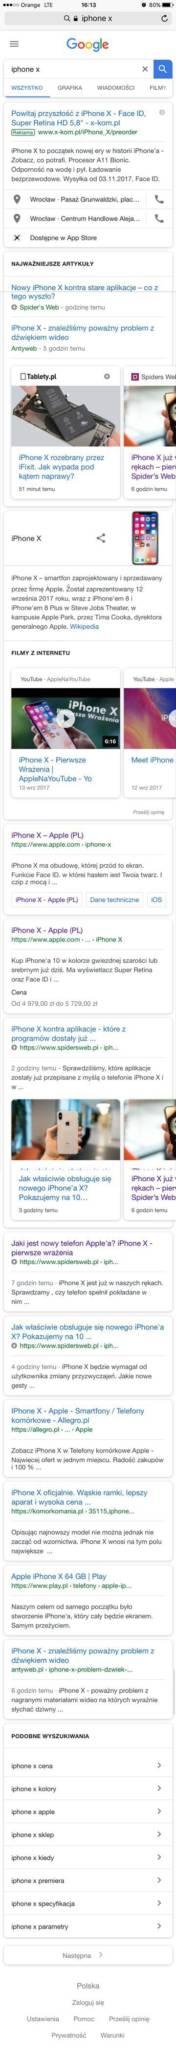 mobilne SERP po zmianach